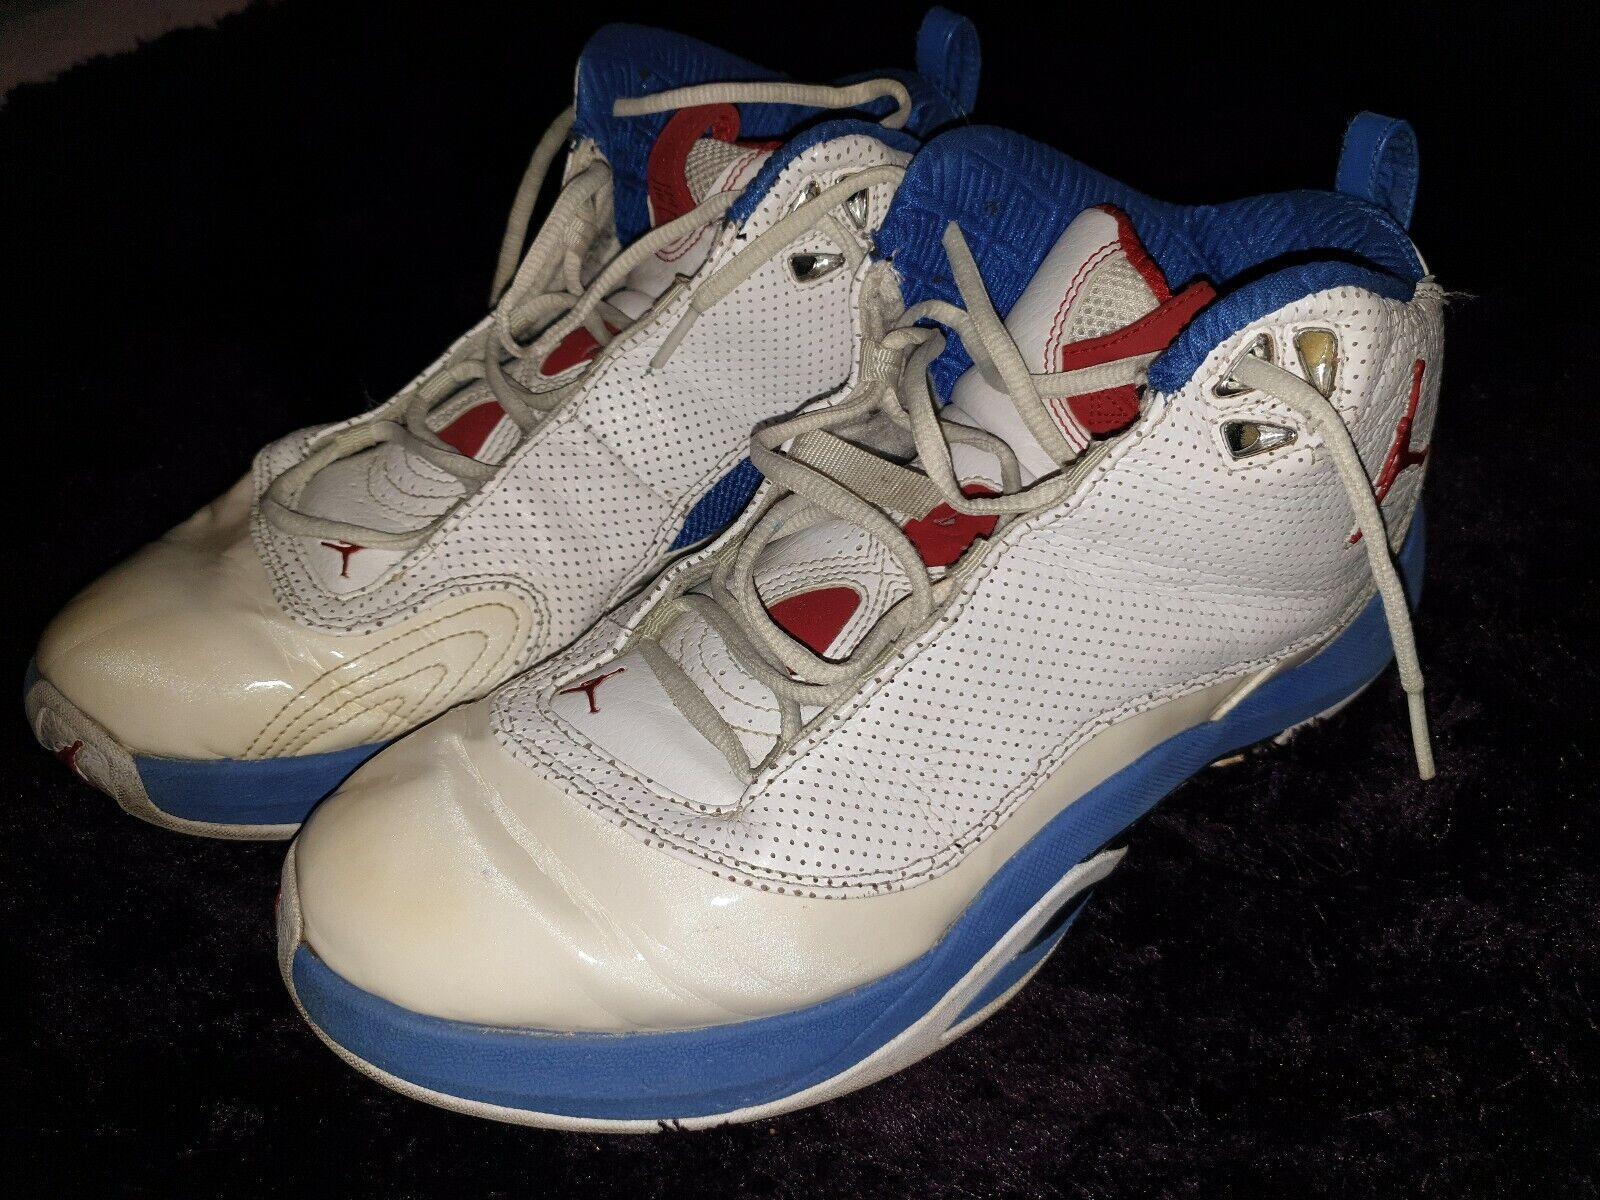 Jordan 29 Baloncesto Zapatos Air entrenadores UK Talla 10 & Half Raro 2008 blancoo Azul